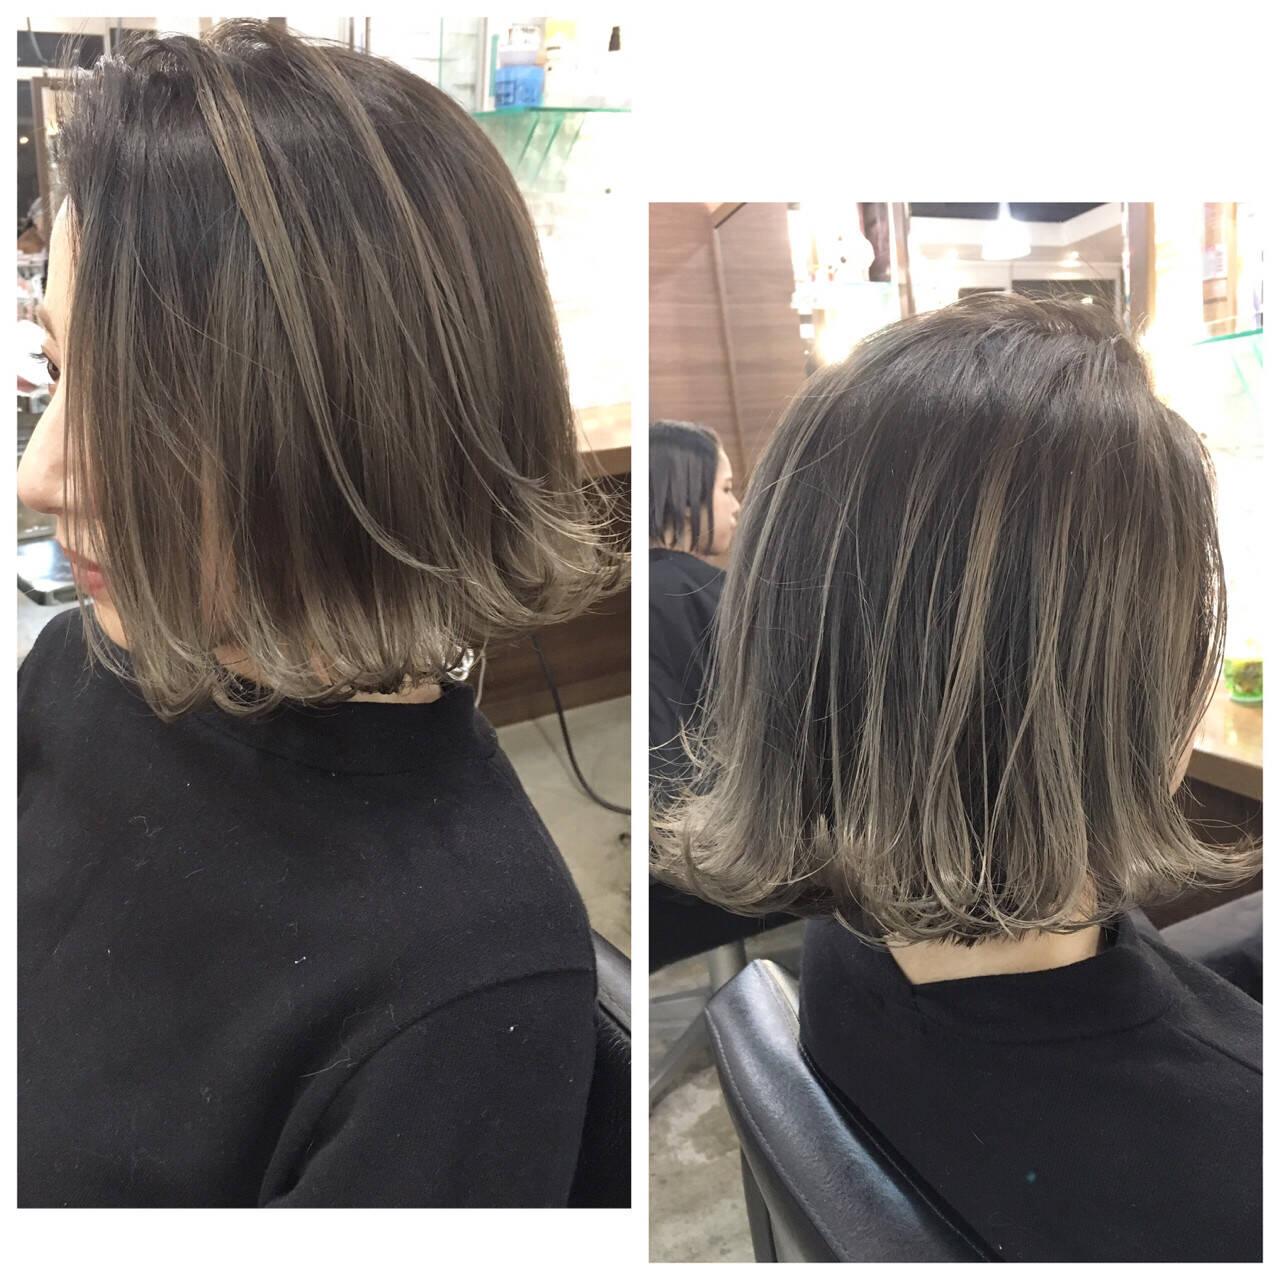 グラデーションカラー ストリート ボブ アッシュヘアスタイルや髪型の写真・画像